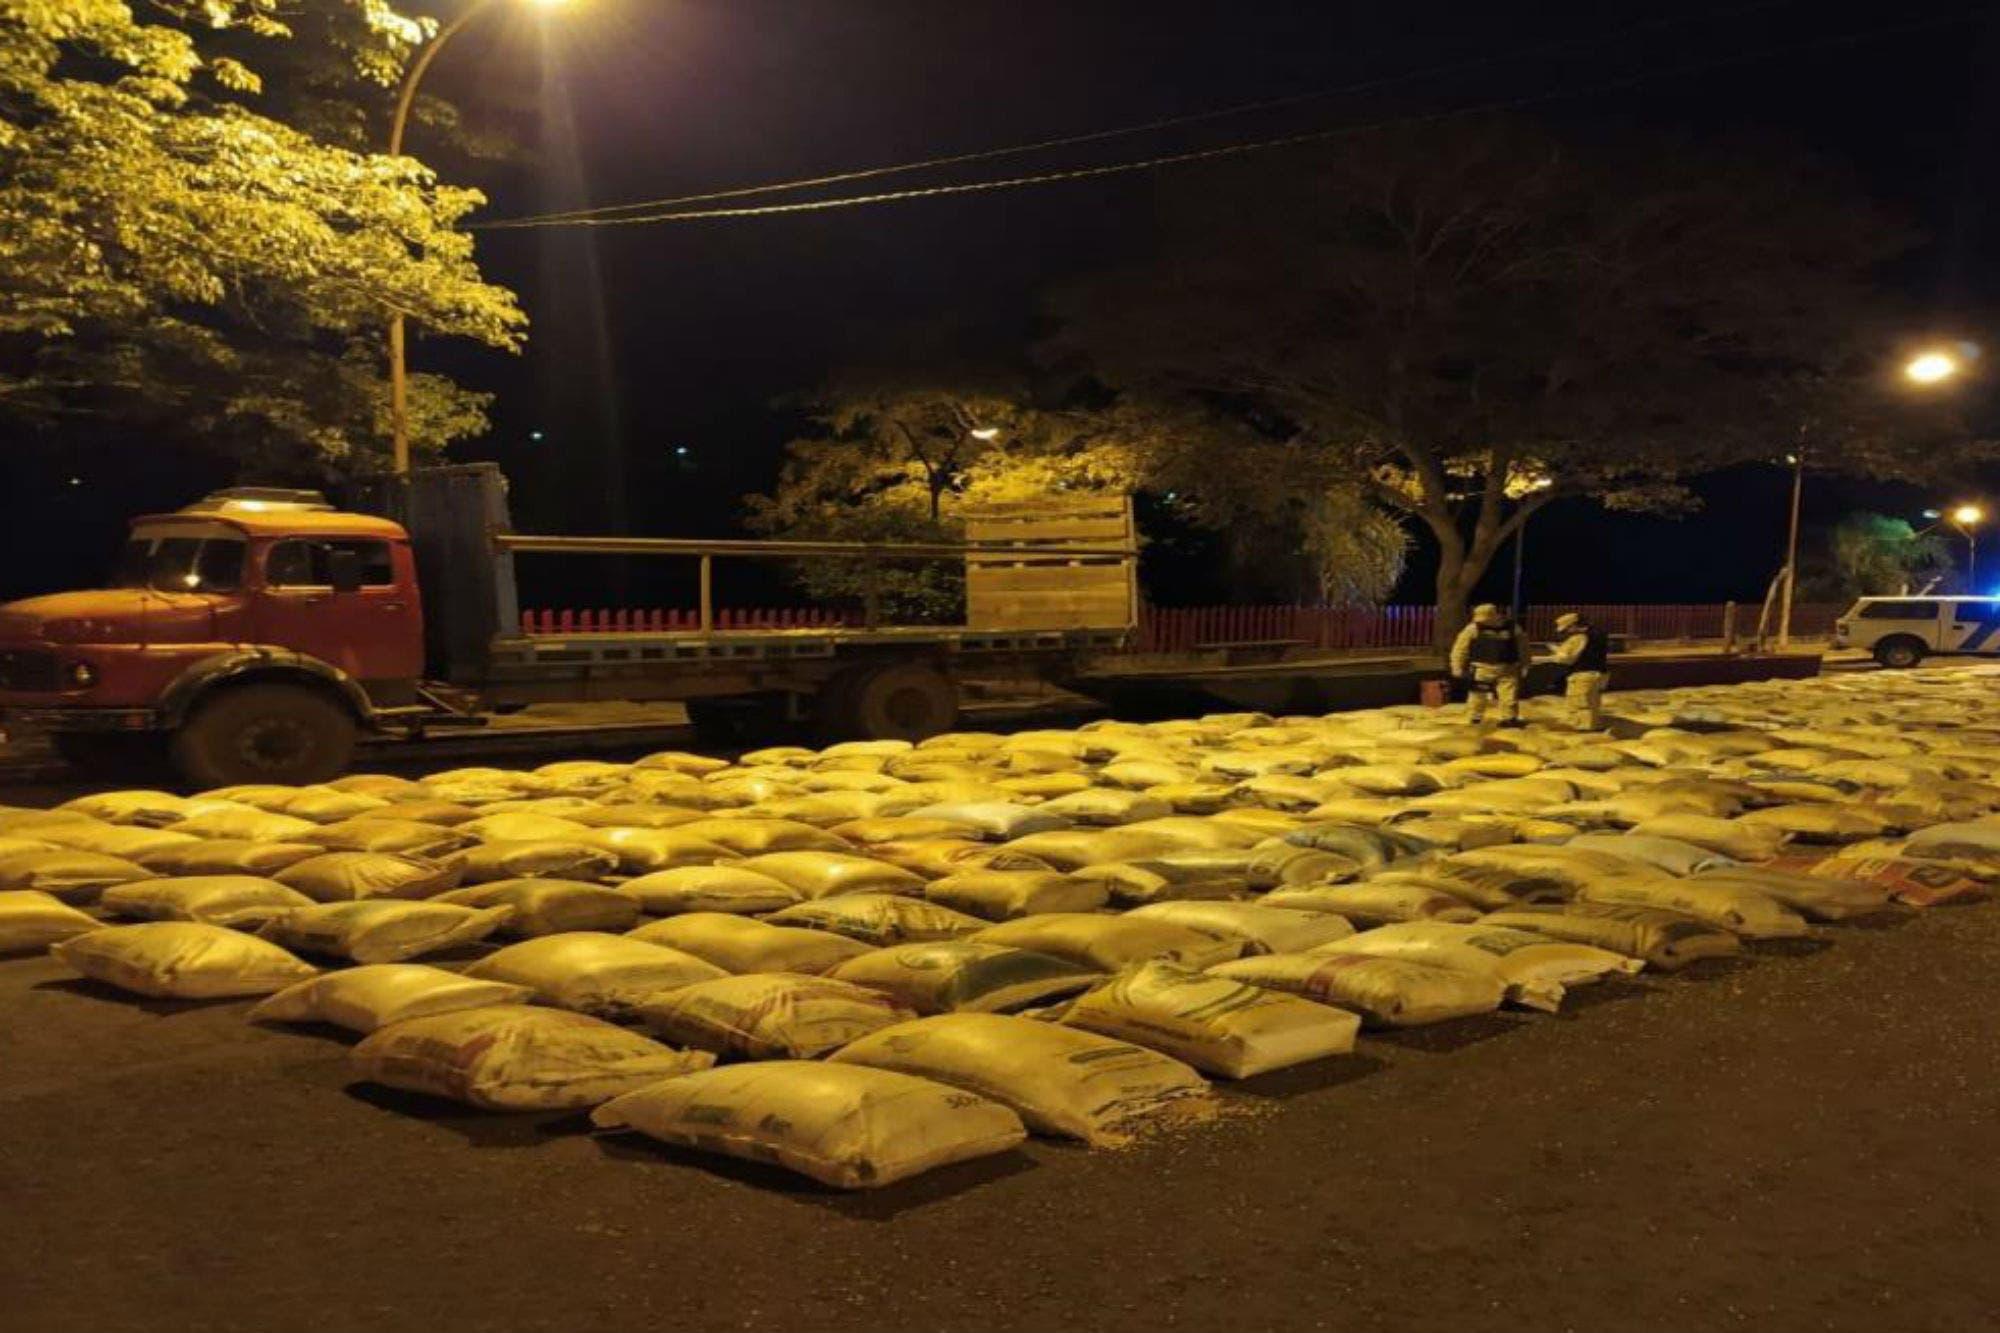 Prefectura frustró un contrabando de 17 toneladas de soja a Brasil ...